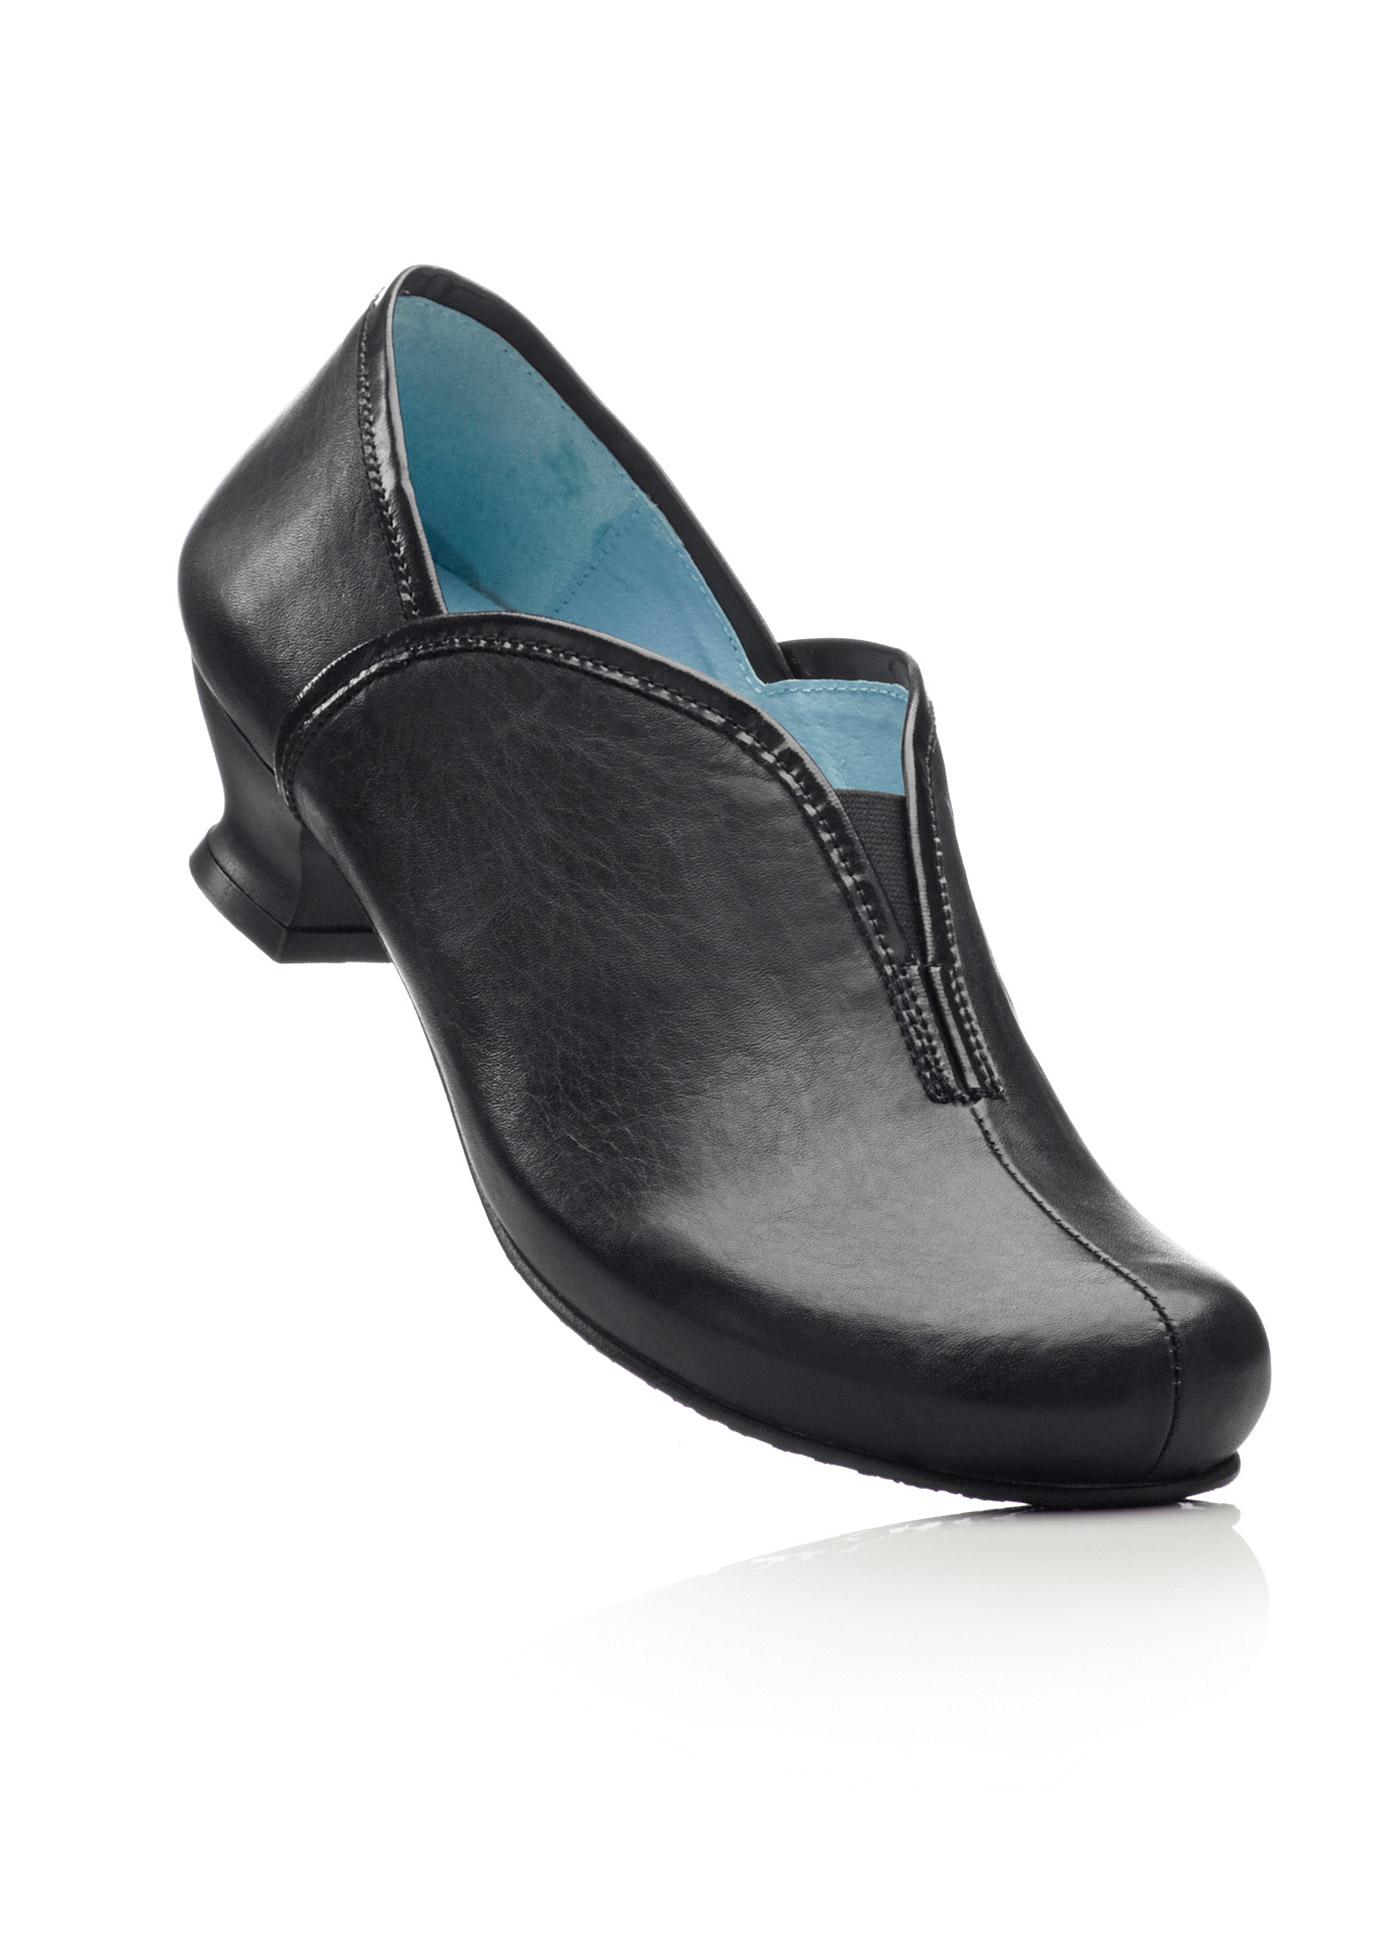 Ledertrotteur mit 4 cm Trichterabsatz in schwarz von bonprix Schuhe und Accessoires > Damenschuhe > Bequemschuhe